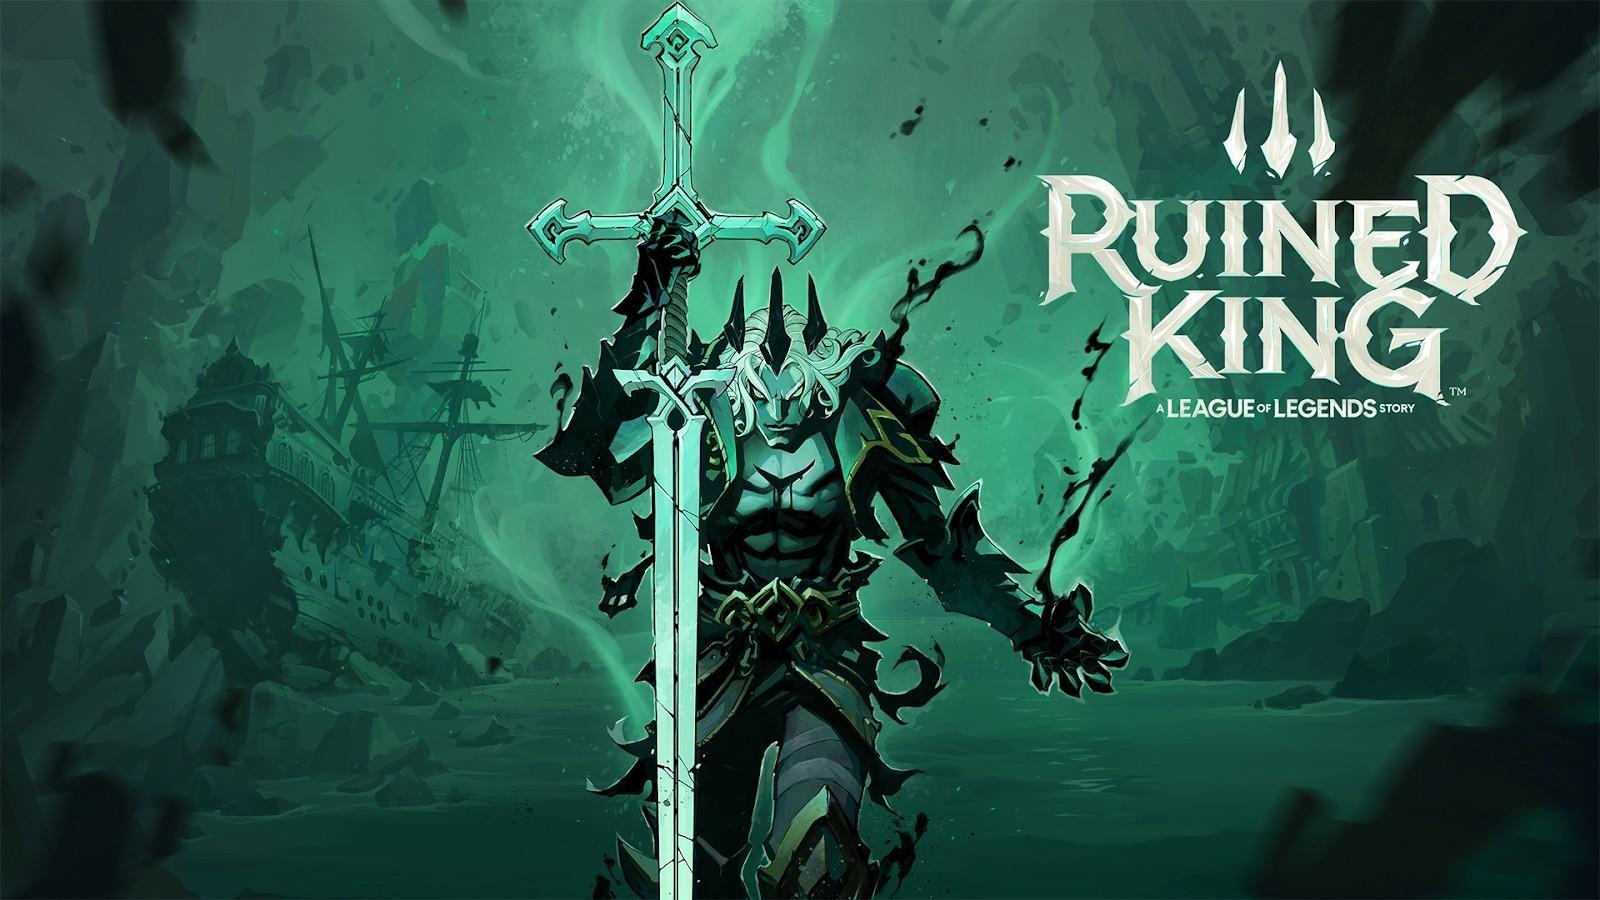 Ruined King - сюжетную игру по League of Legends оставили без окна релиза, зато показали первый геймплей 2